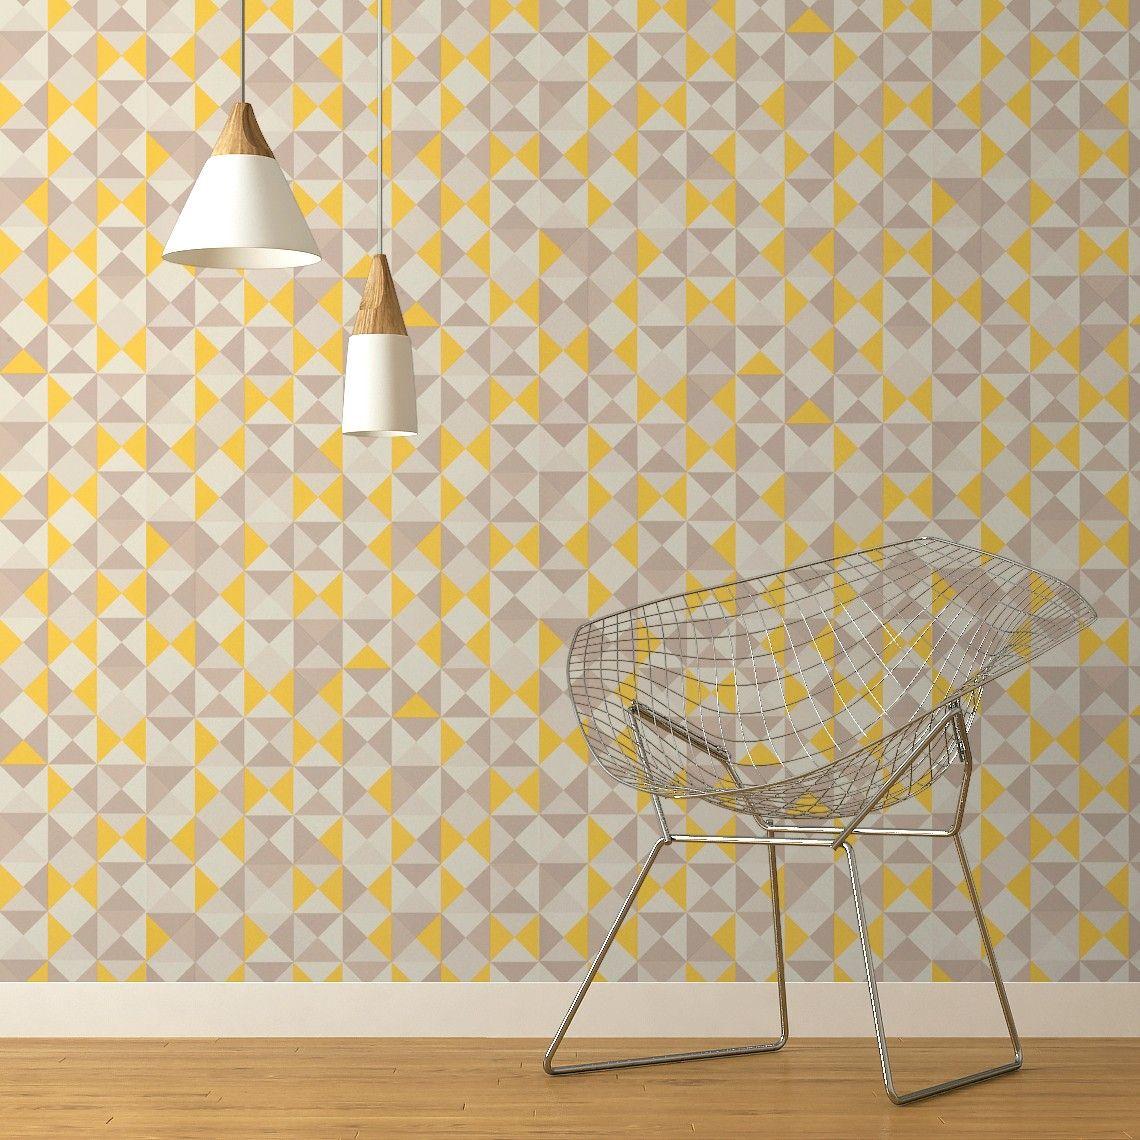 Les 25 meilleures id es de la cat gorie tapis jaune moutarde sur pinterest - Tapisserie saint maclou ...